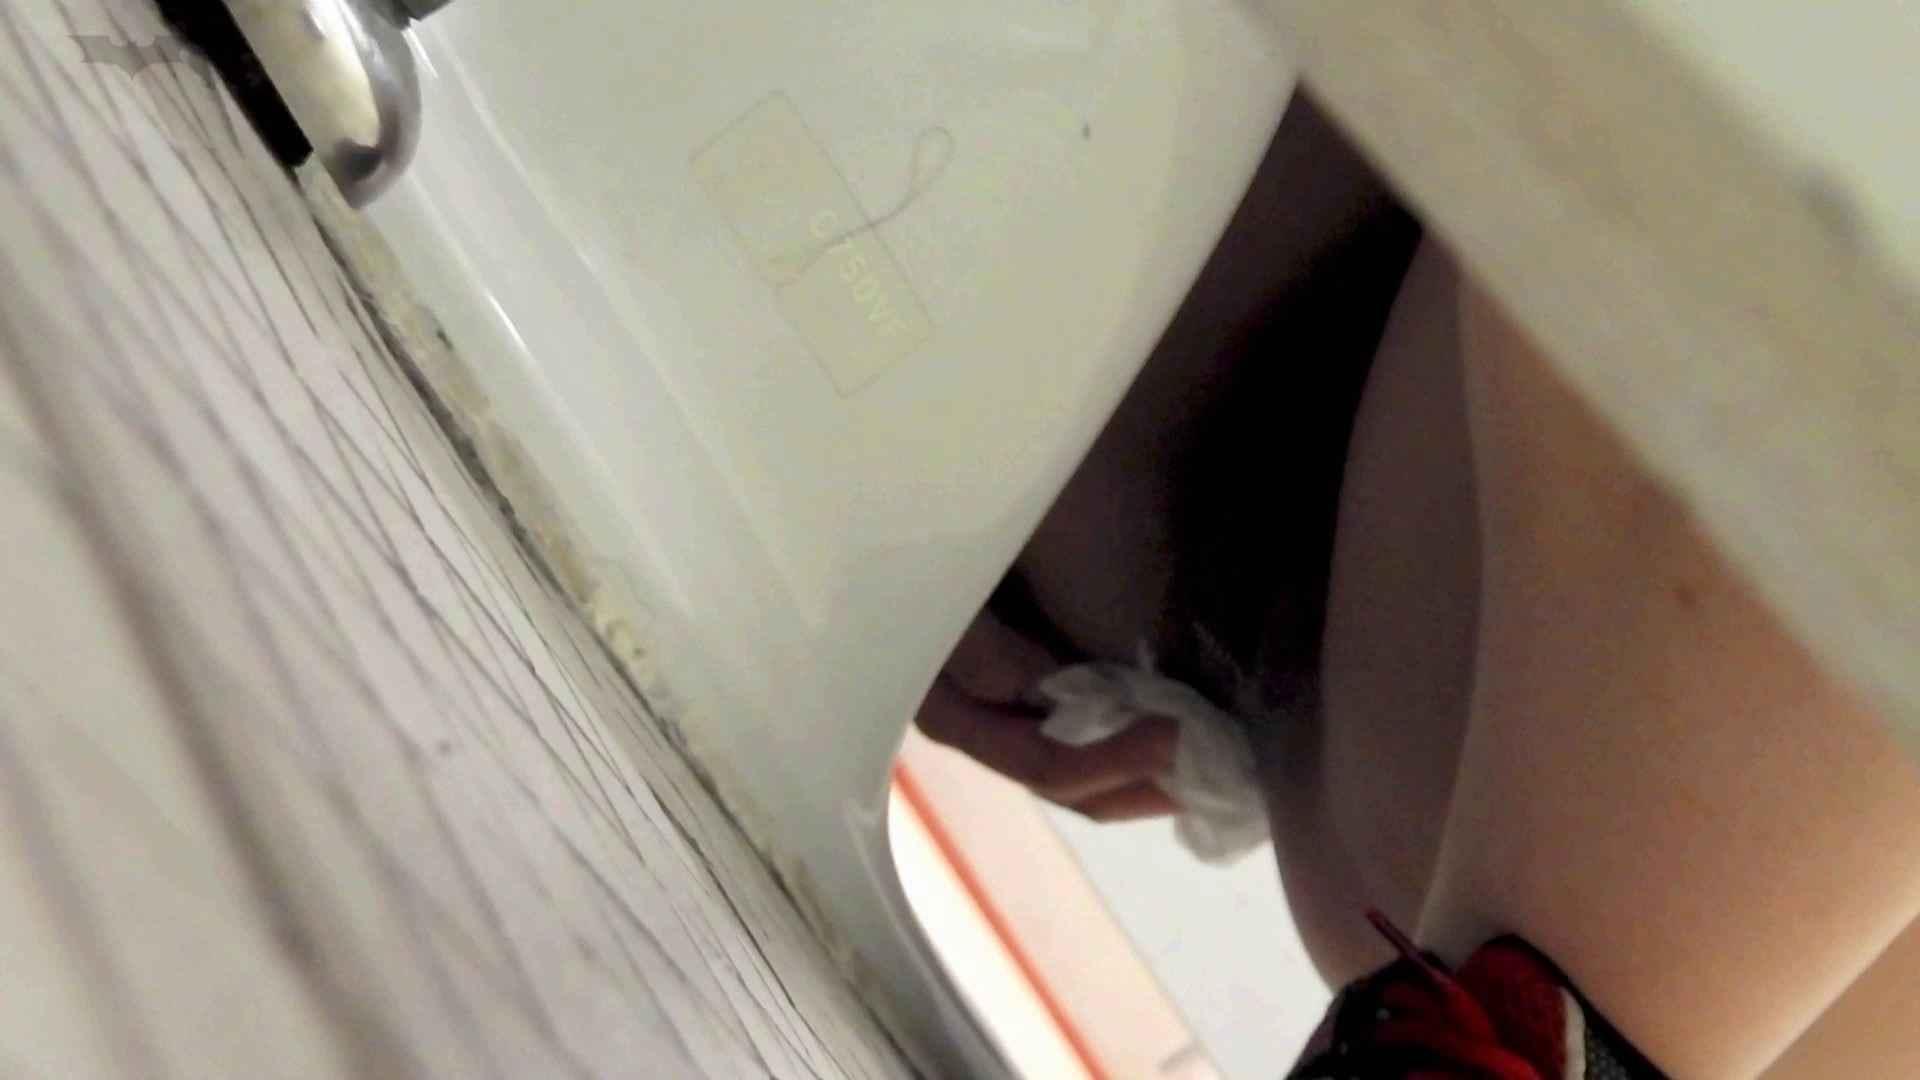 ▲復活限定D▲第三体育館潜入撮File016 執念!前後上下全部撮れた 体育館 盗撮動画紹介 99PIX 98